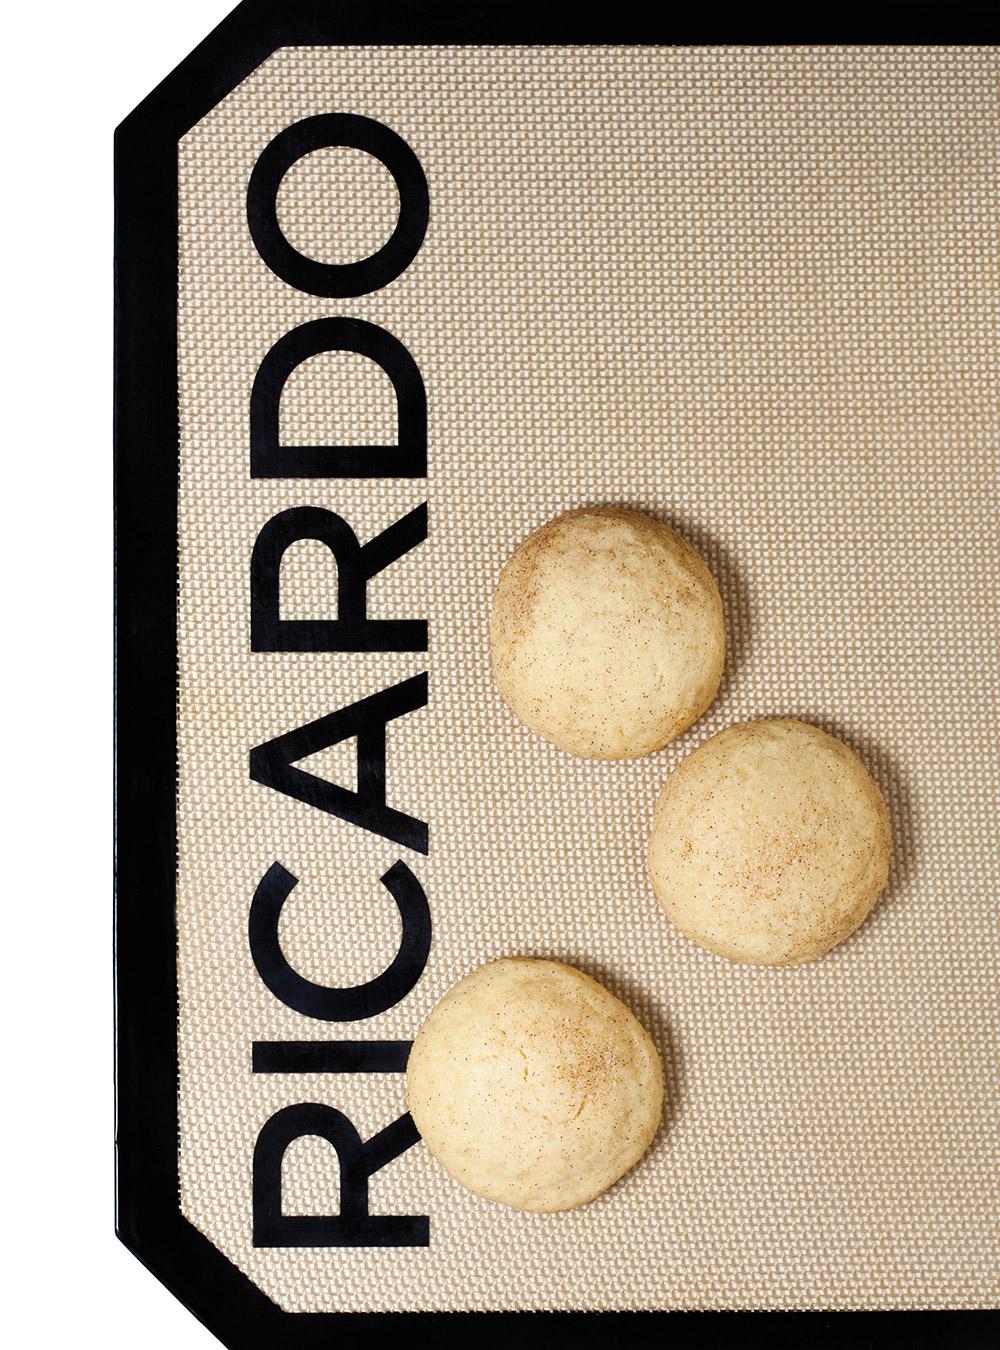 Biscuits à la cannelle (snickers doodles) | ricardo